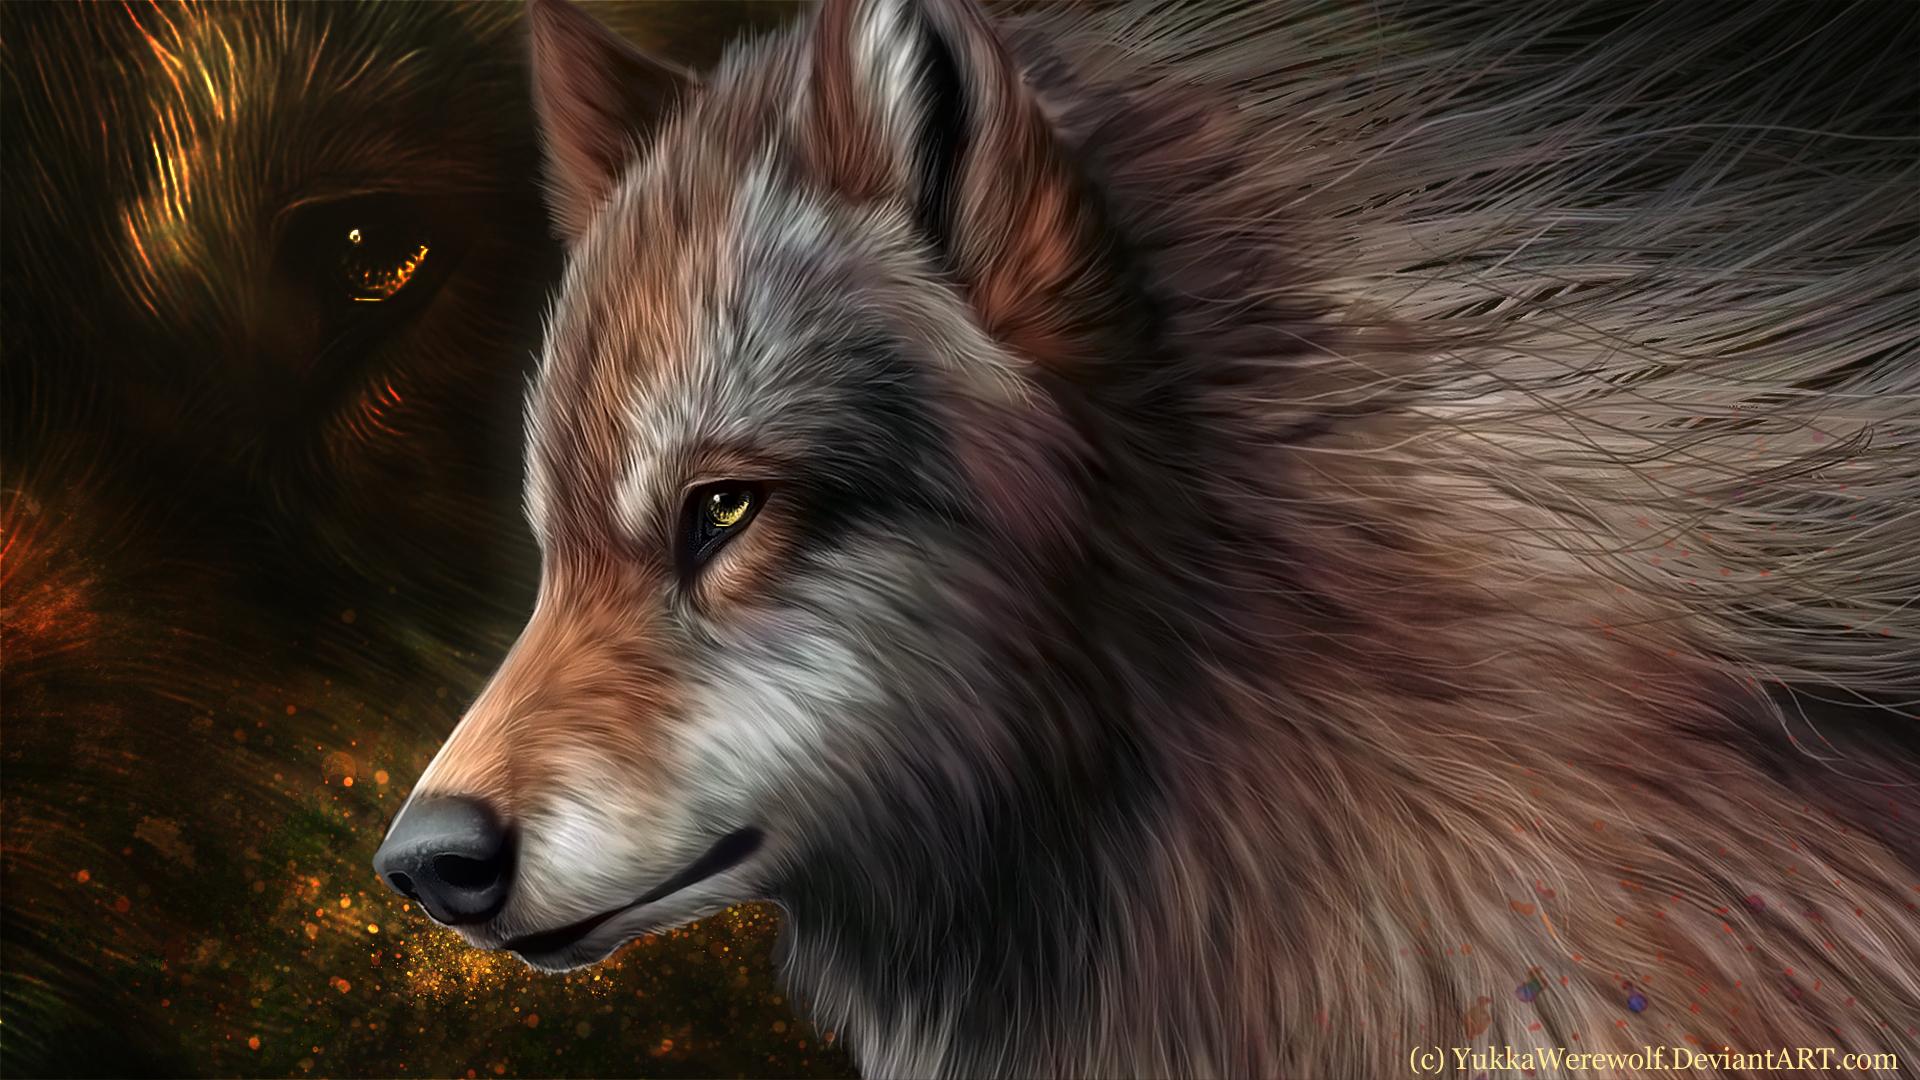 рисованные обои для рабочего стола волки № 138298 загрузить